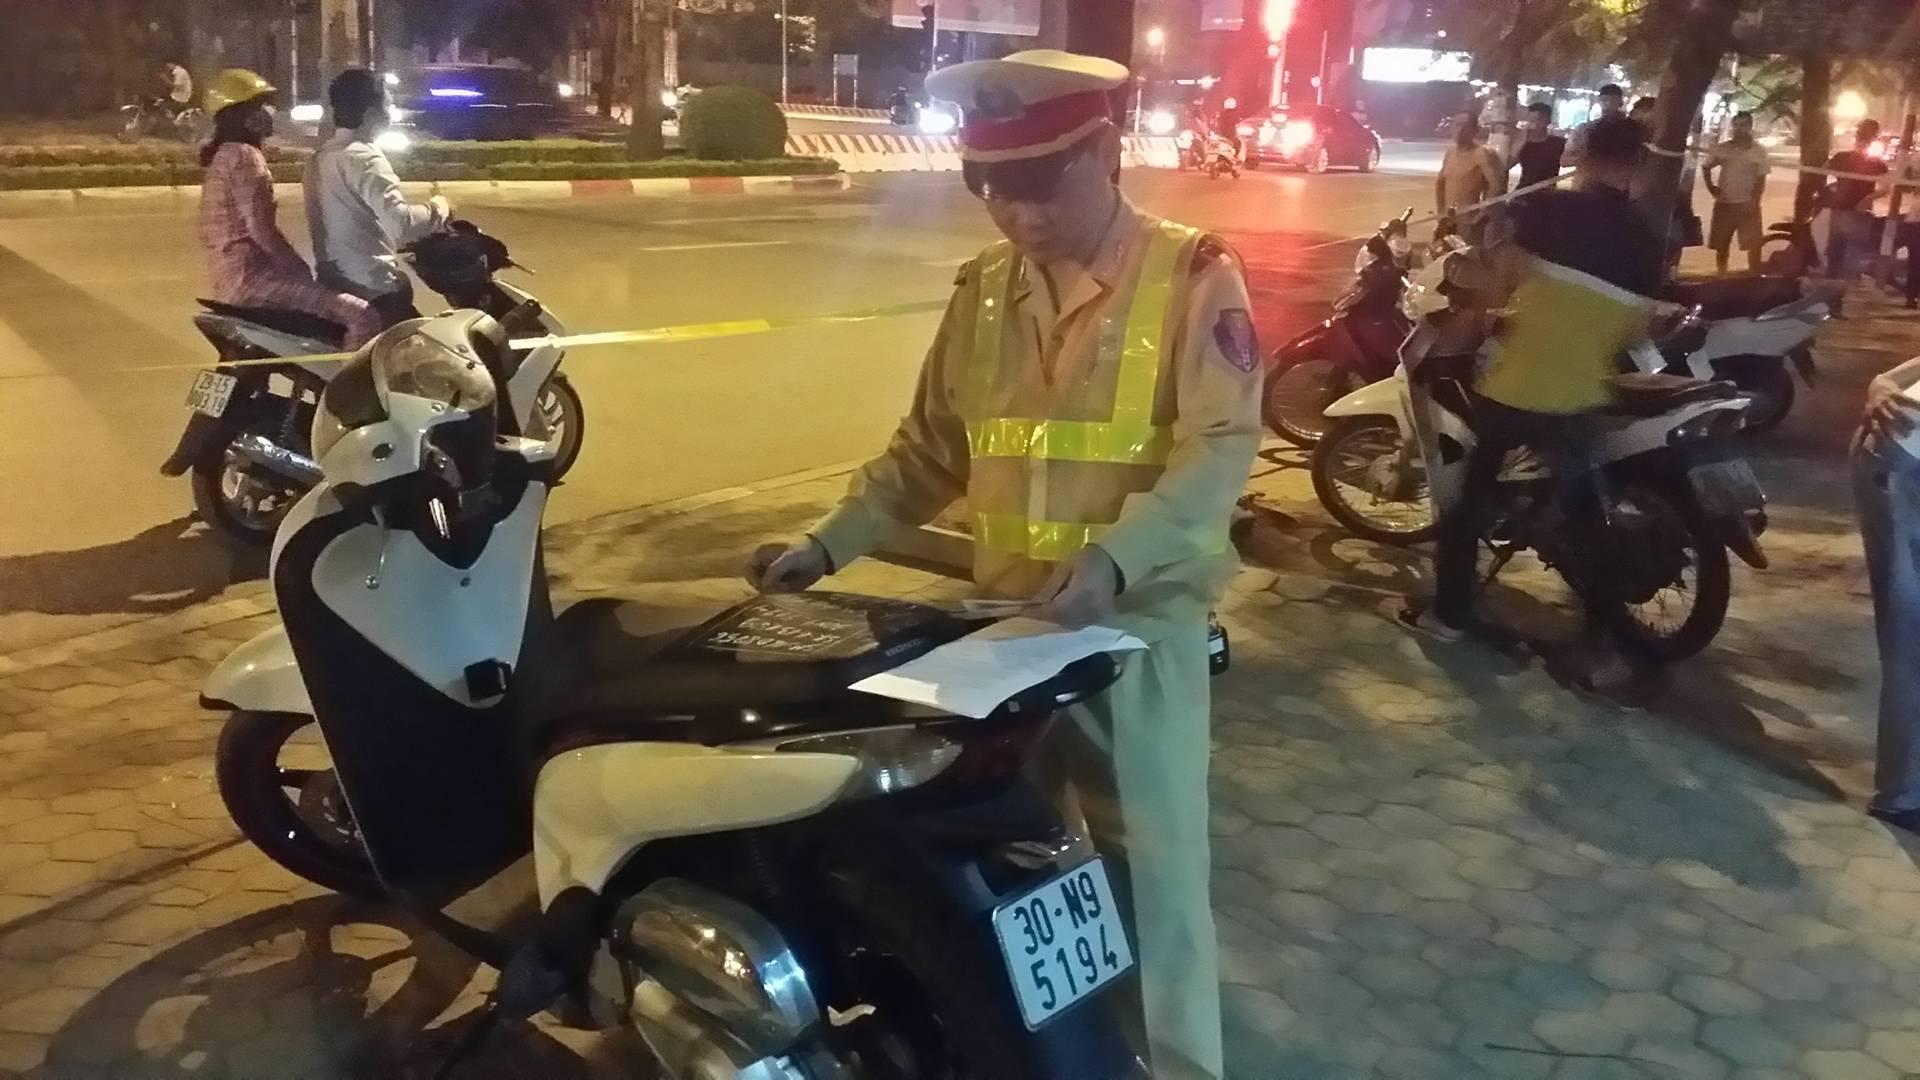 Thượng úy Nguyễn Tuấn Cường đang ghi số khung, số máy chiếc xe SH mang biển giả